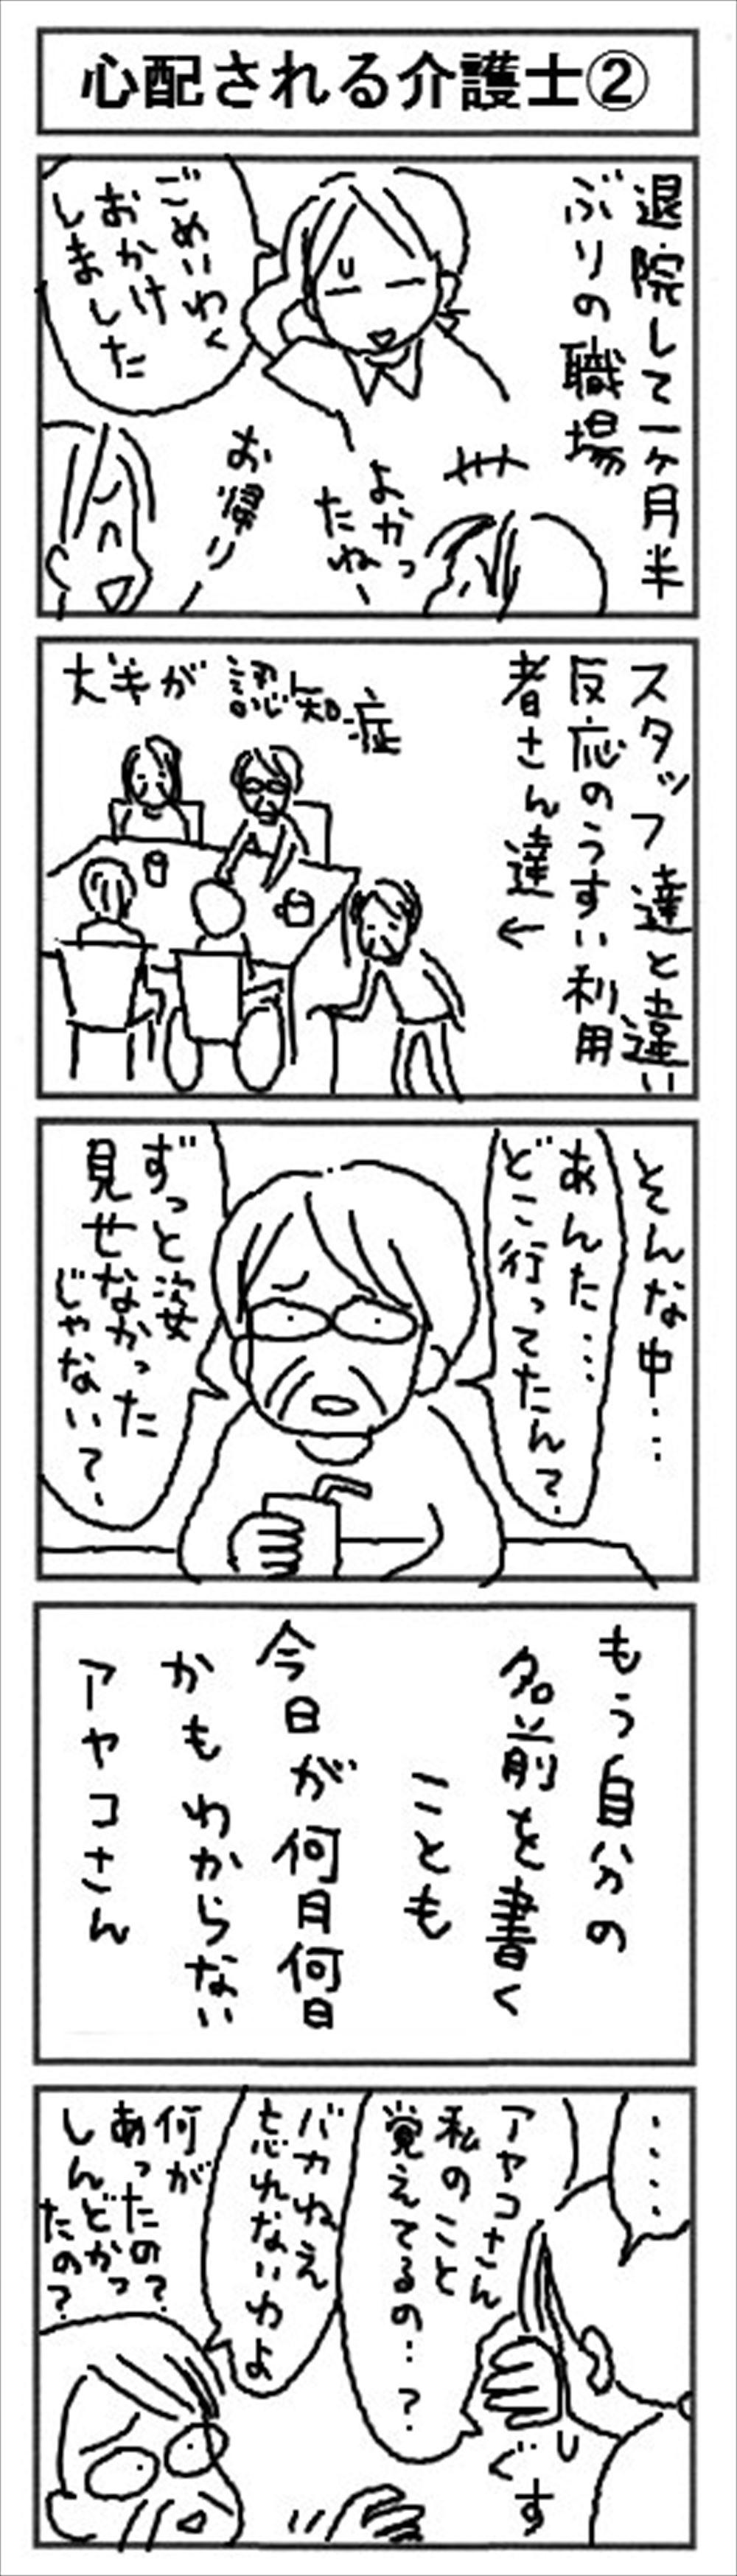 DKKU-jkUIAAOeh0_R